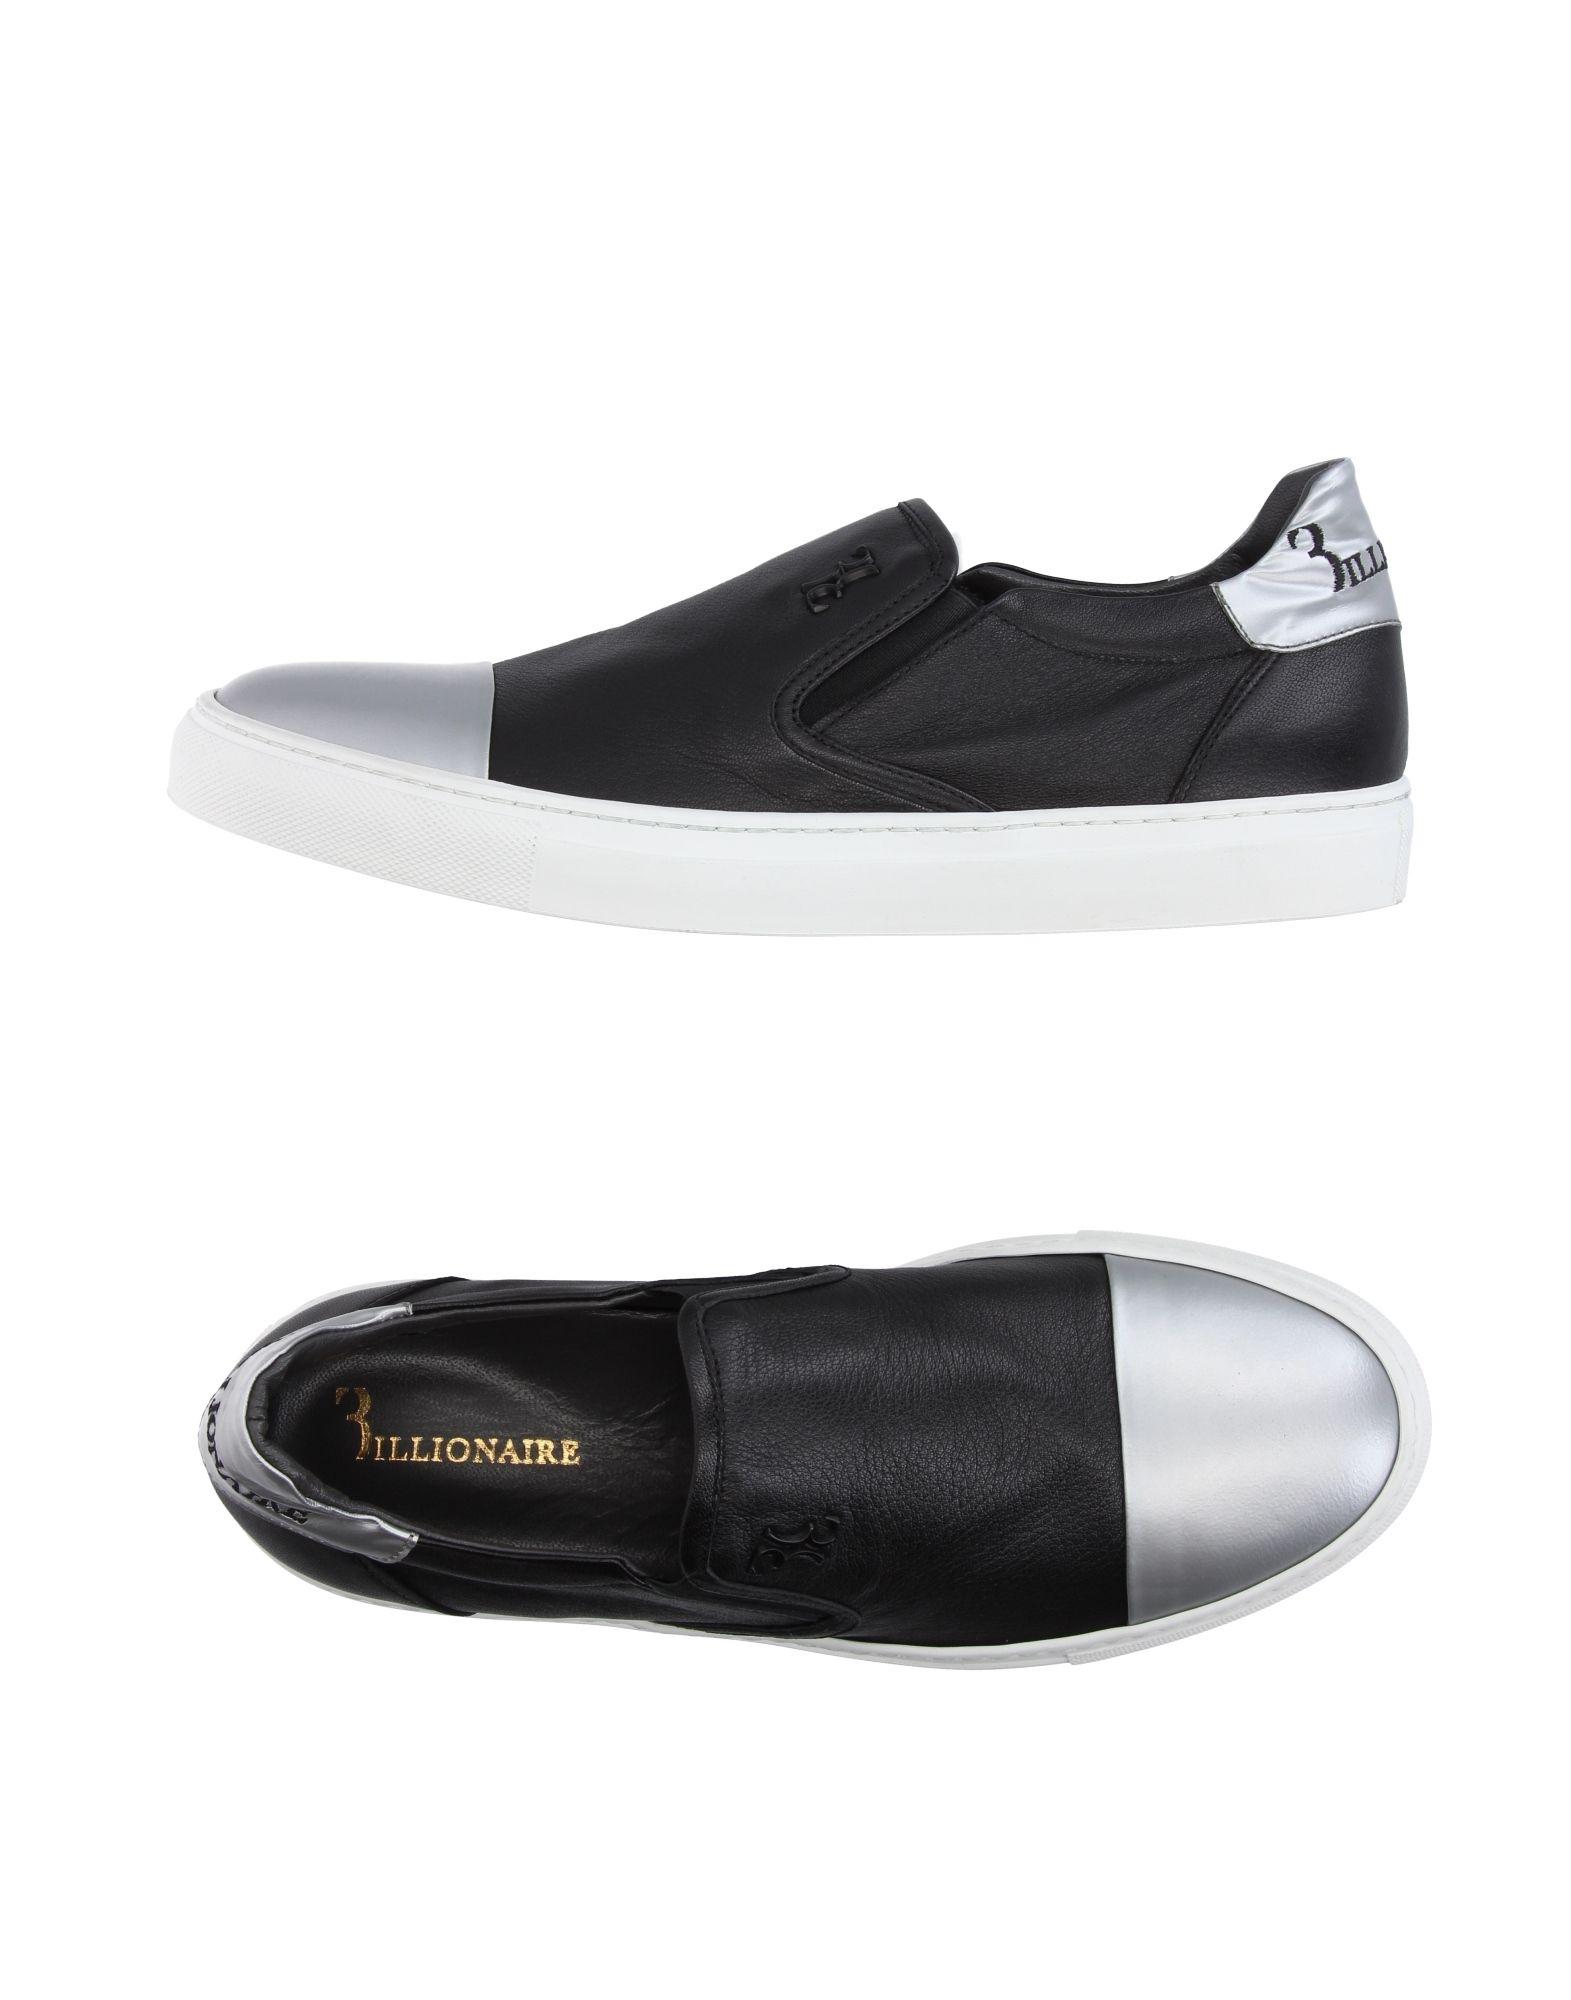 Sneakers Billionaire Donna - Acquista online su